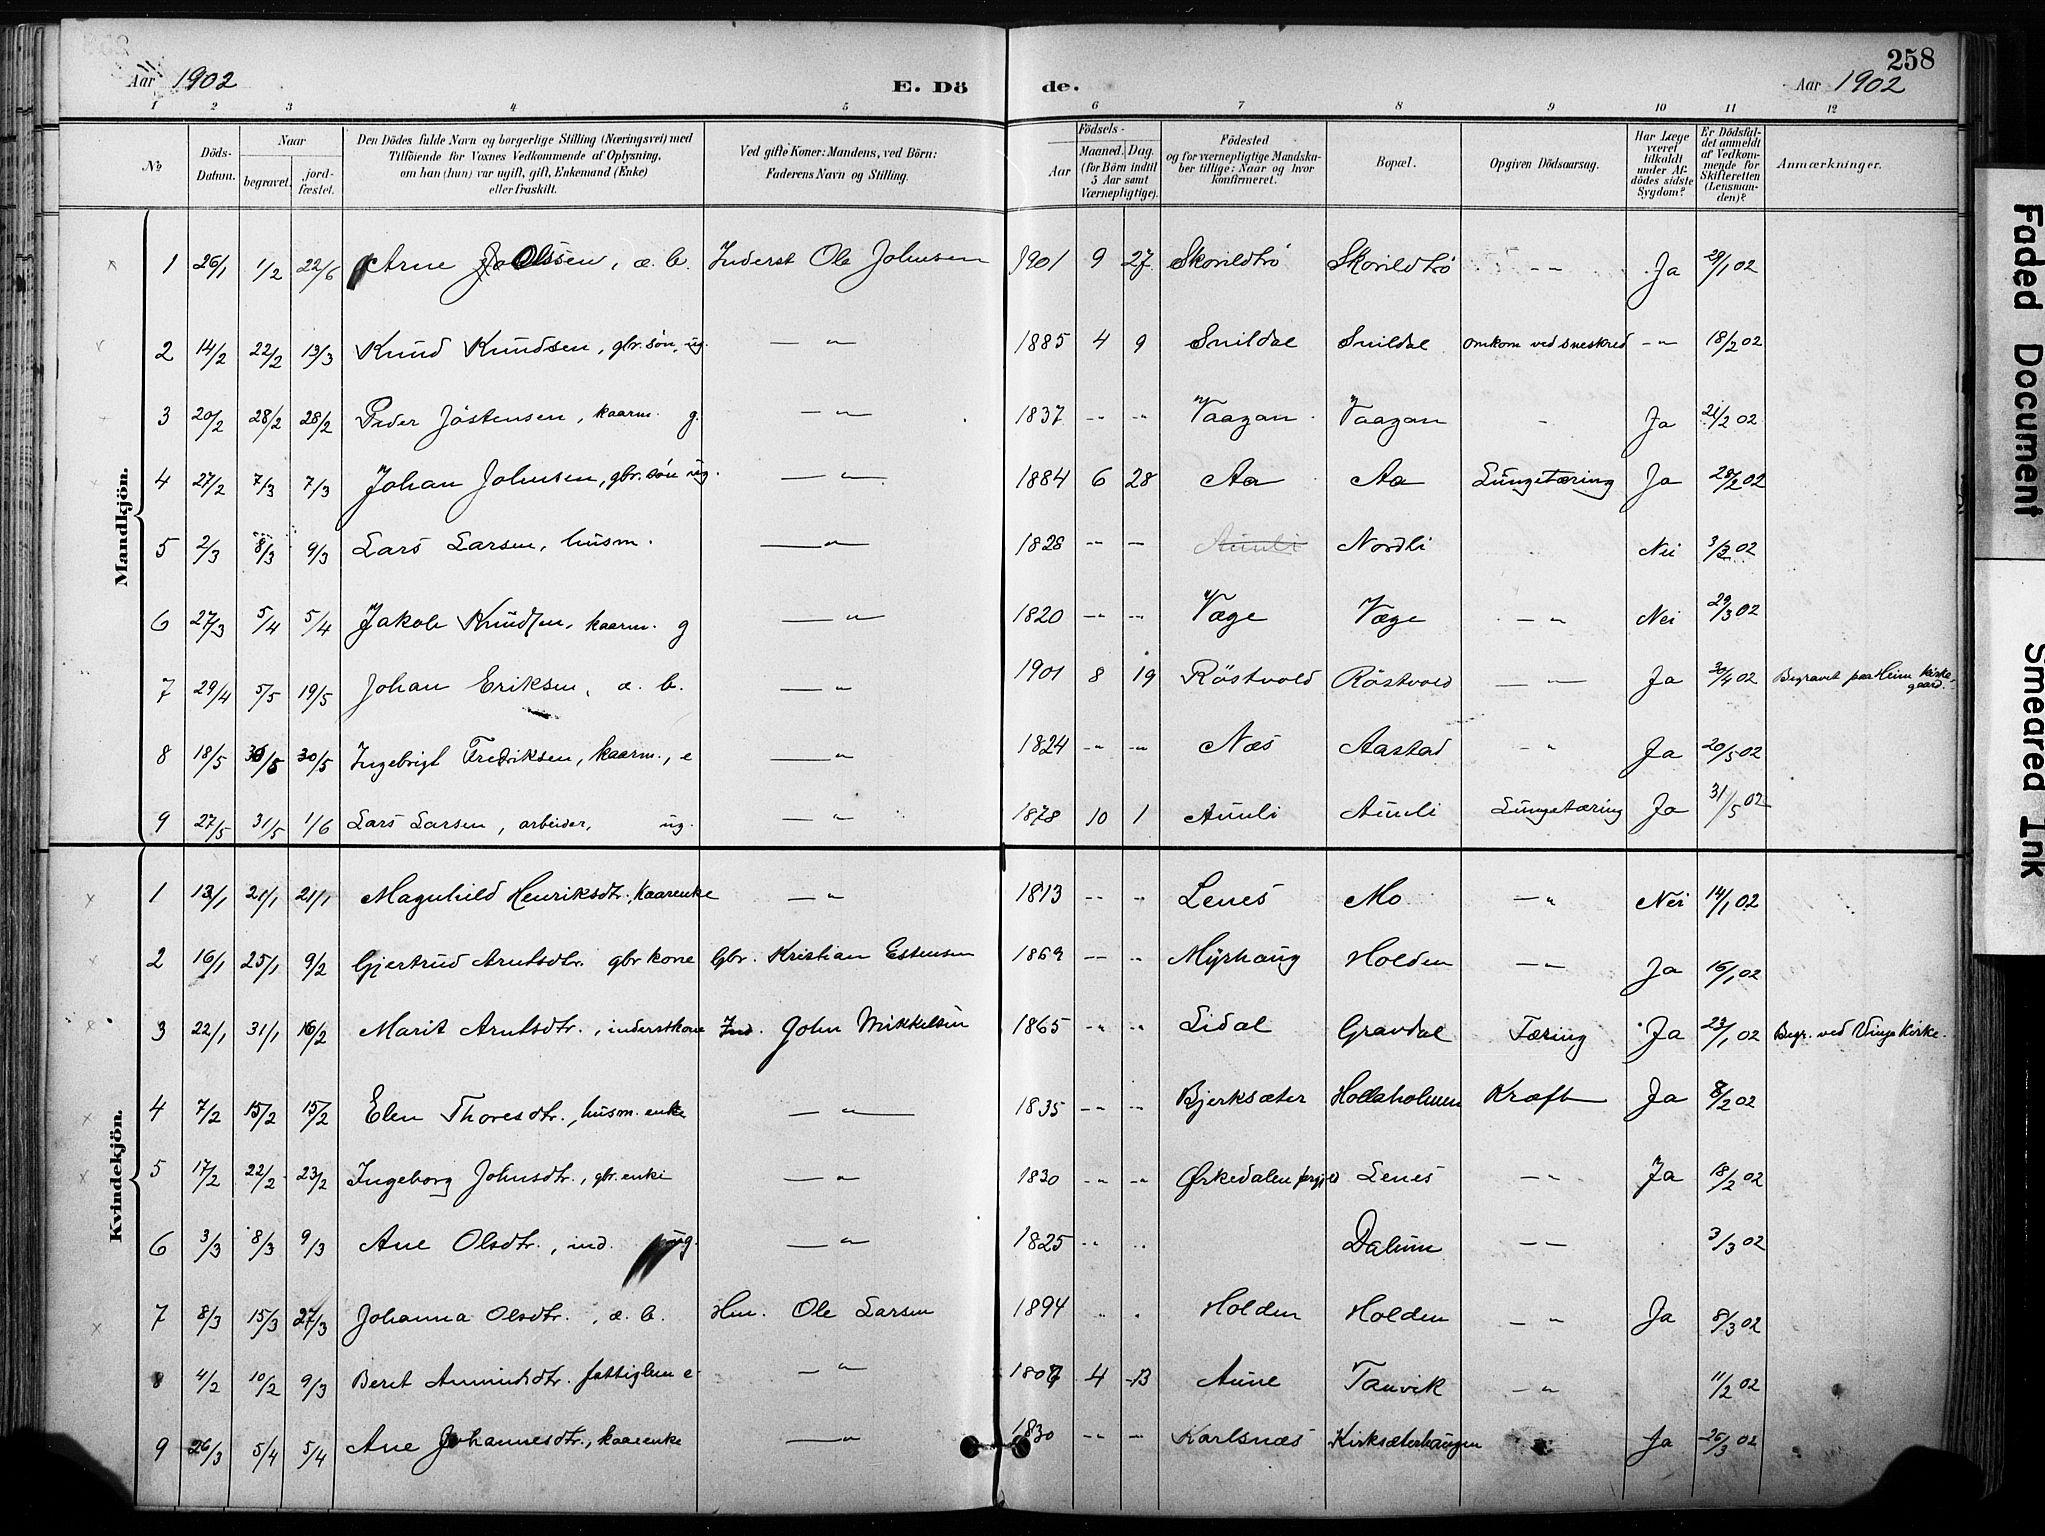 SAT, Ministerialprotokoller, klokkerbøker og fødselsregistre - Sør-Trøndelag, 630/L0497: Ministerialbok nr. 630A10, 1896-1910, s. 258